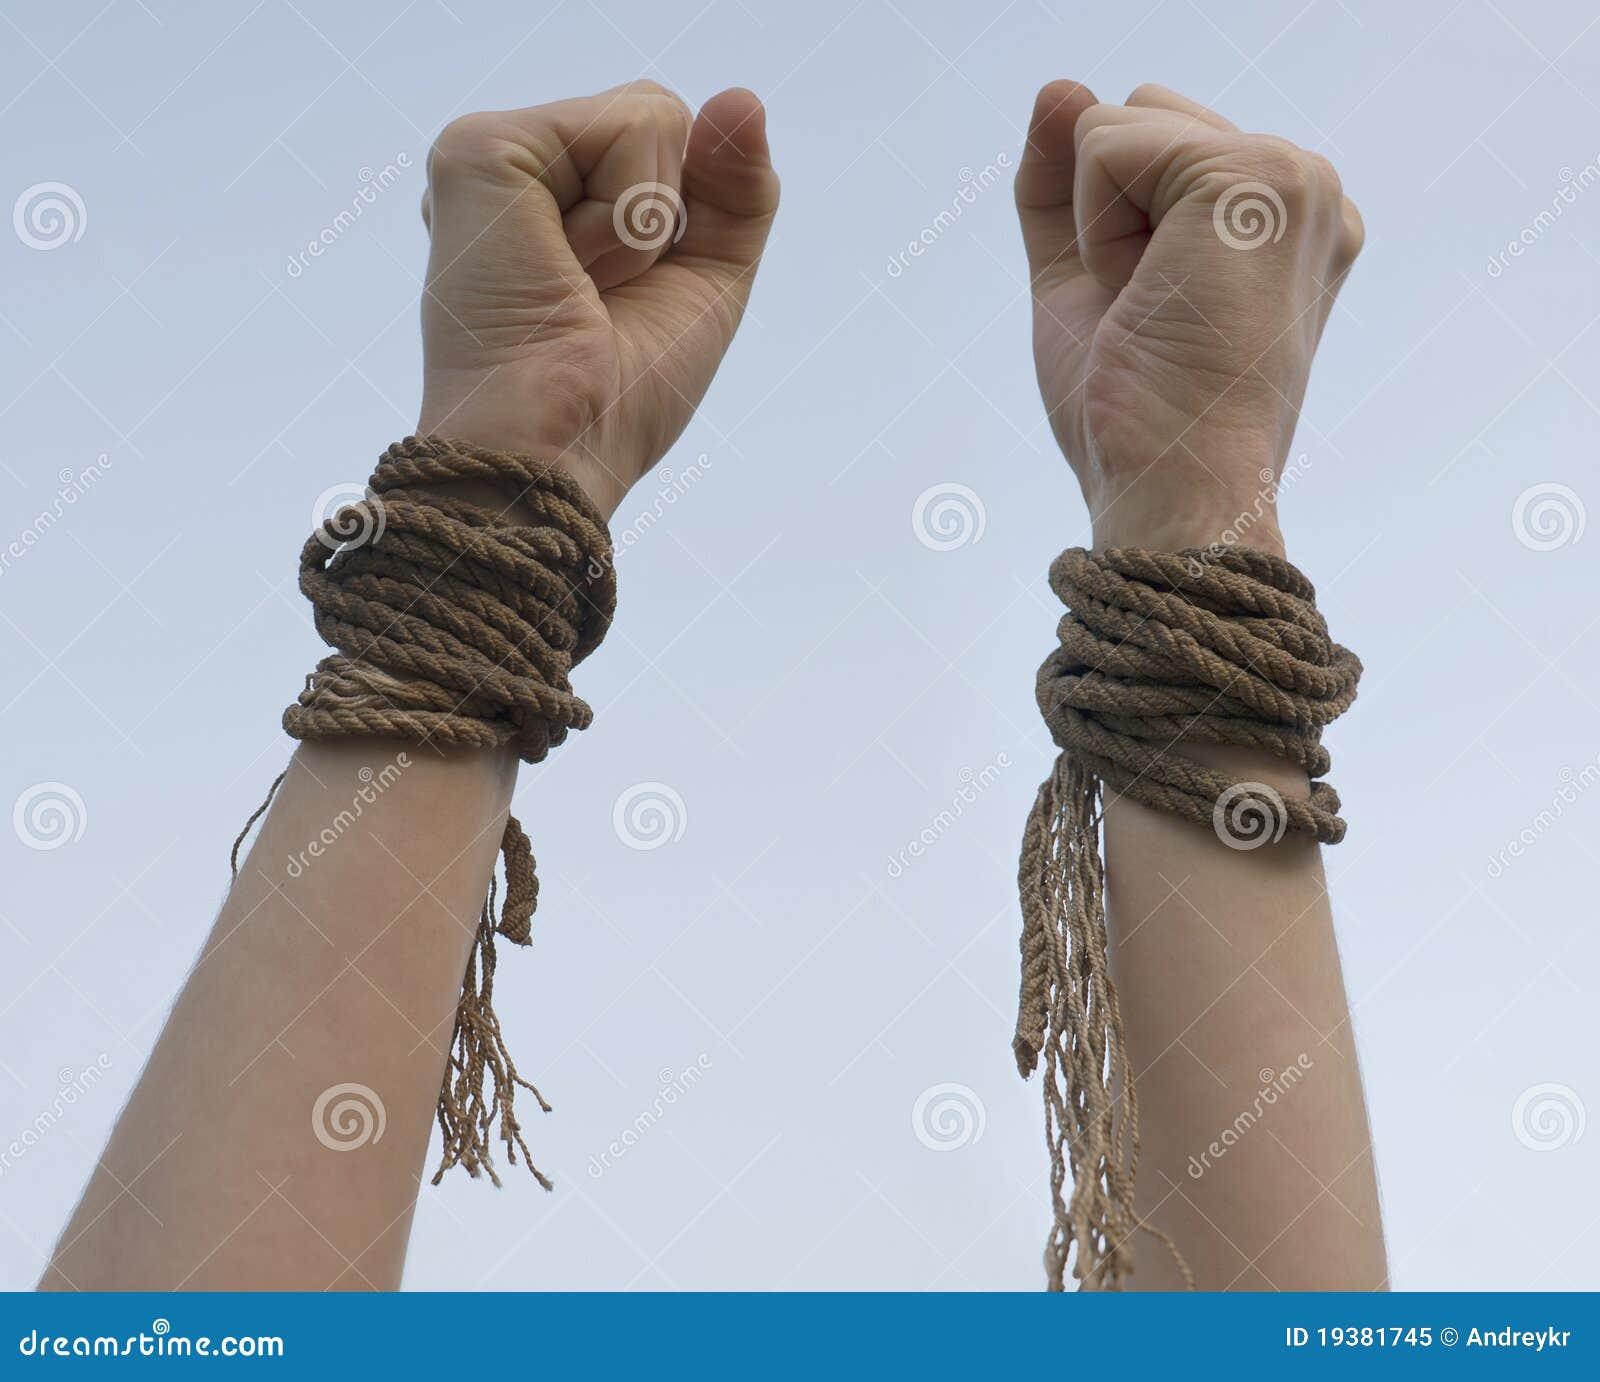 Как руками порвать очень крепкую веревку?